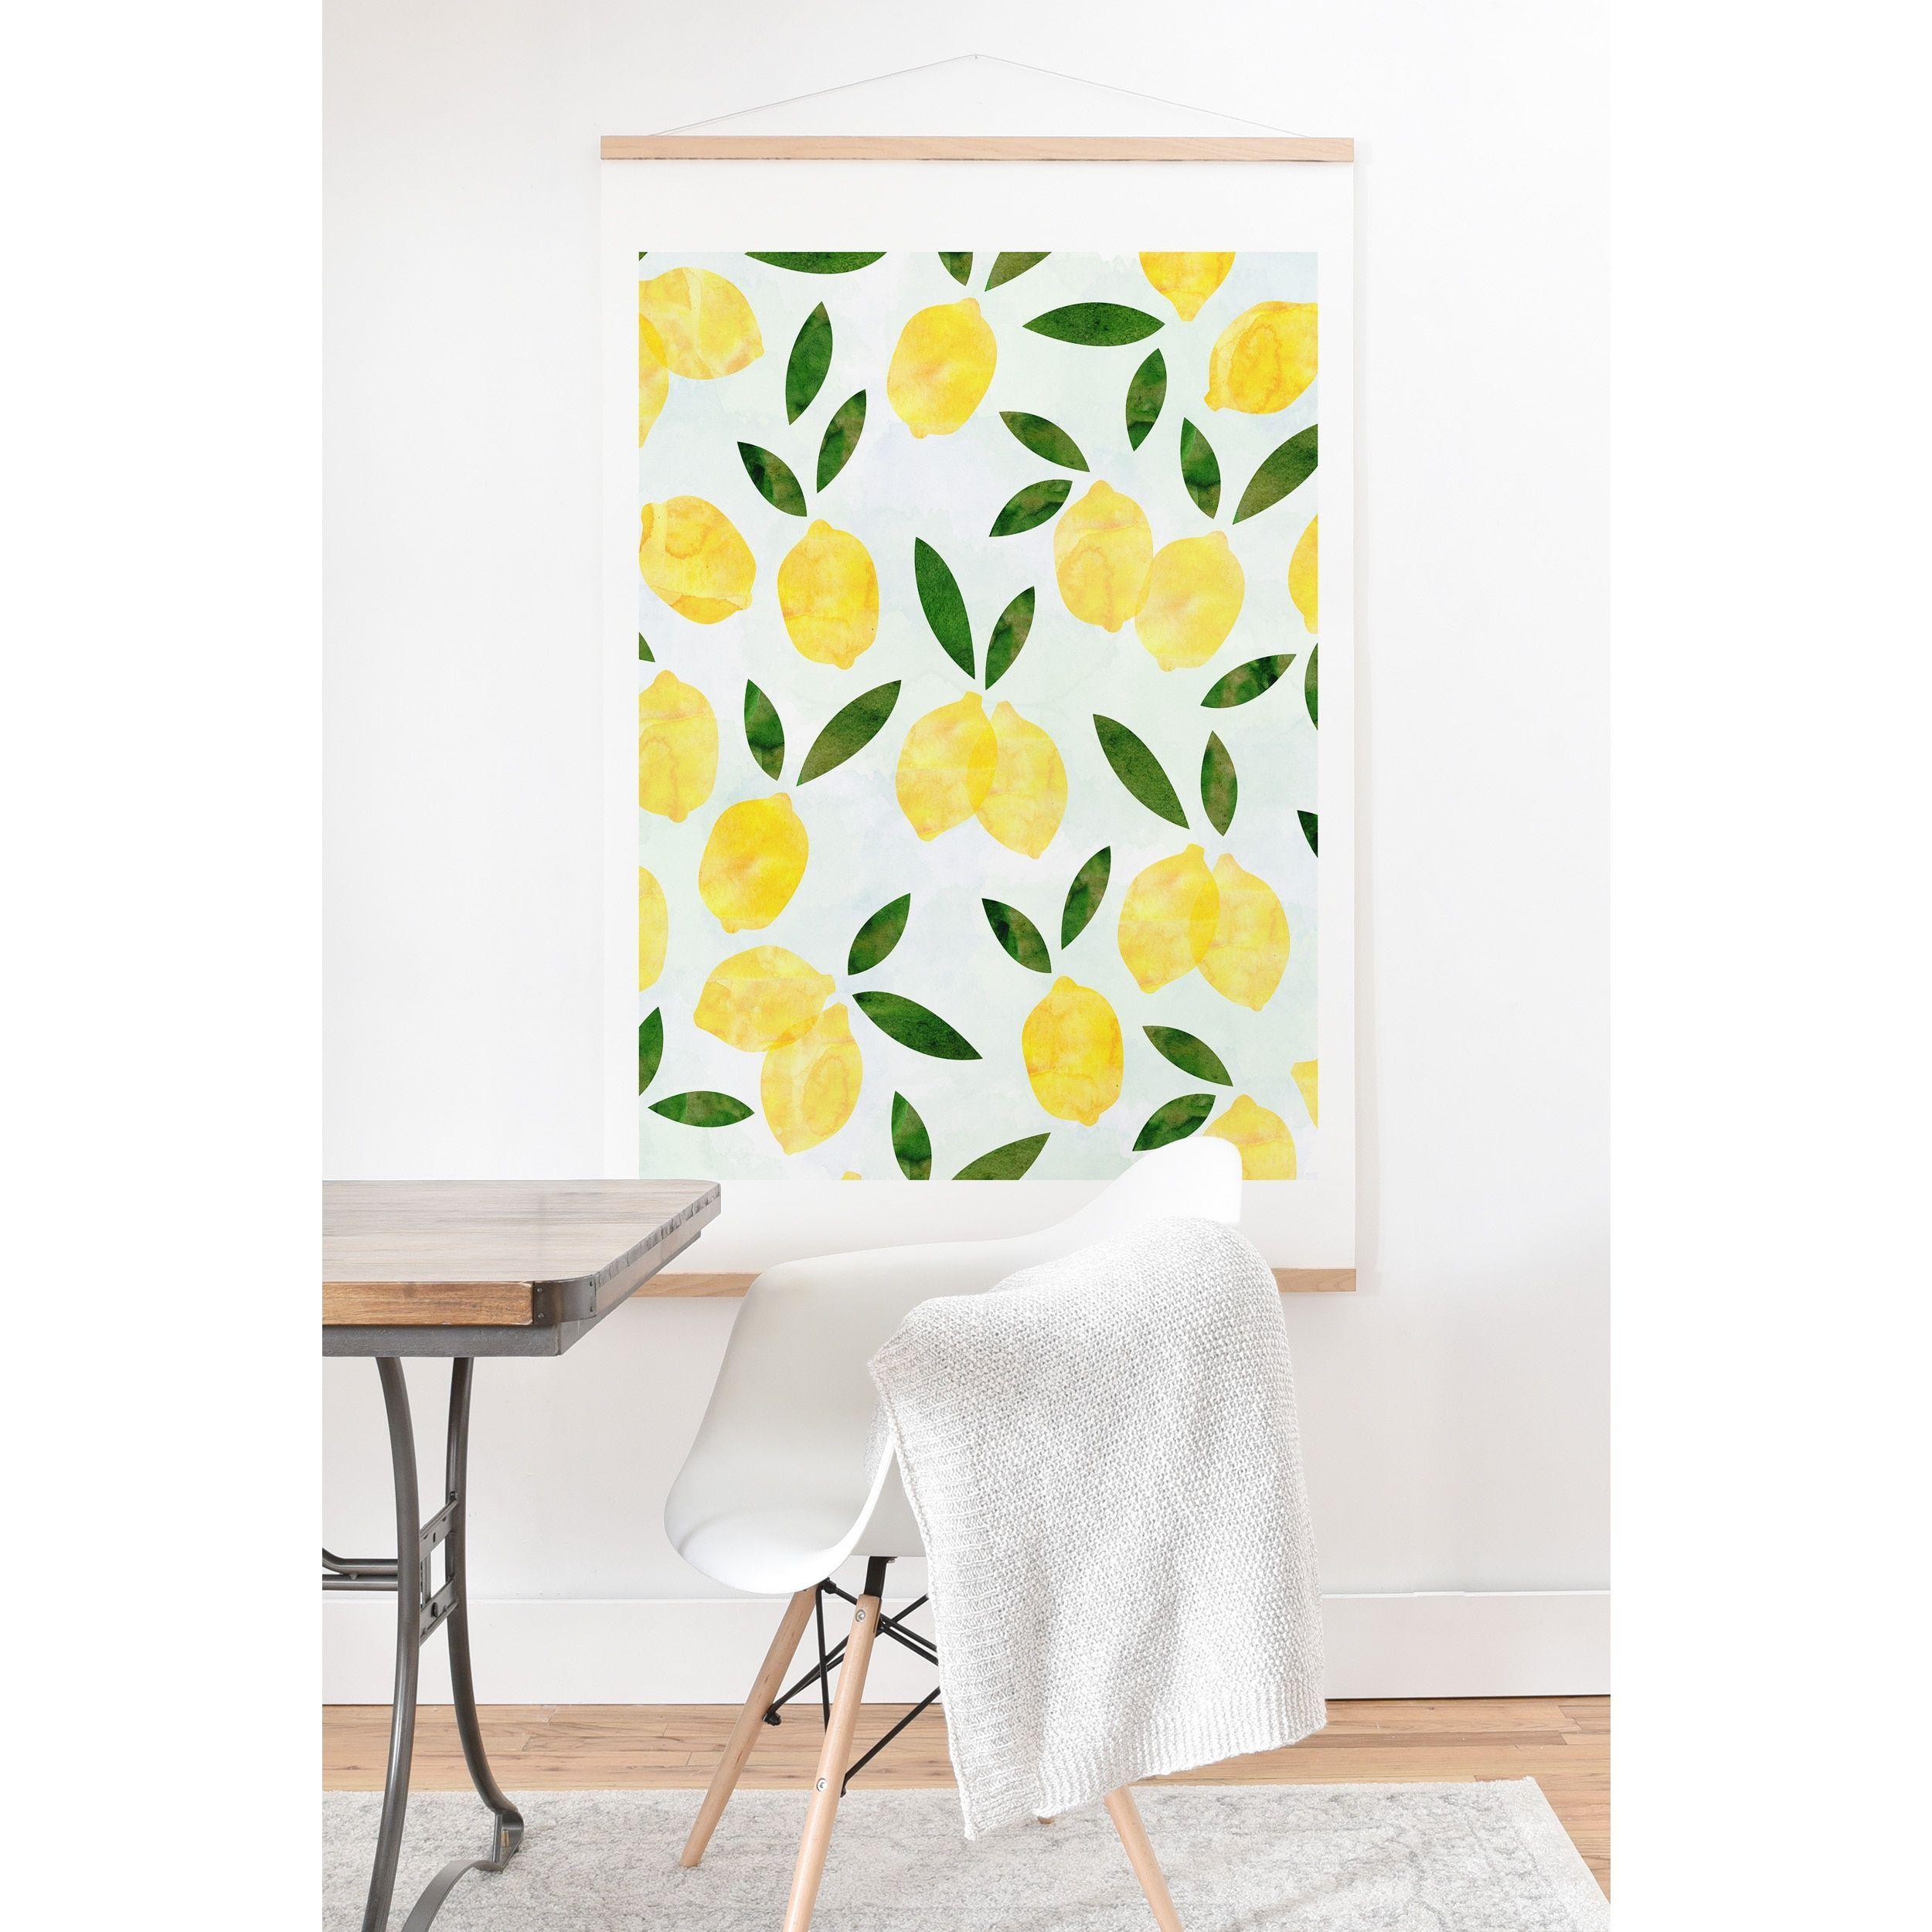 Hello Sayang Lemon Drops Hanging Wall Art Print